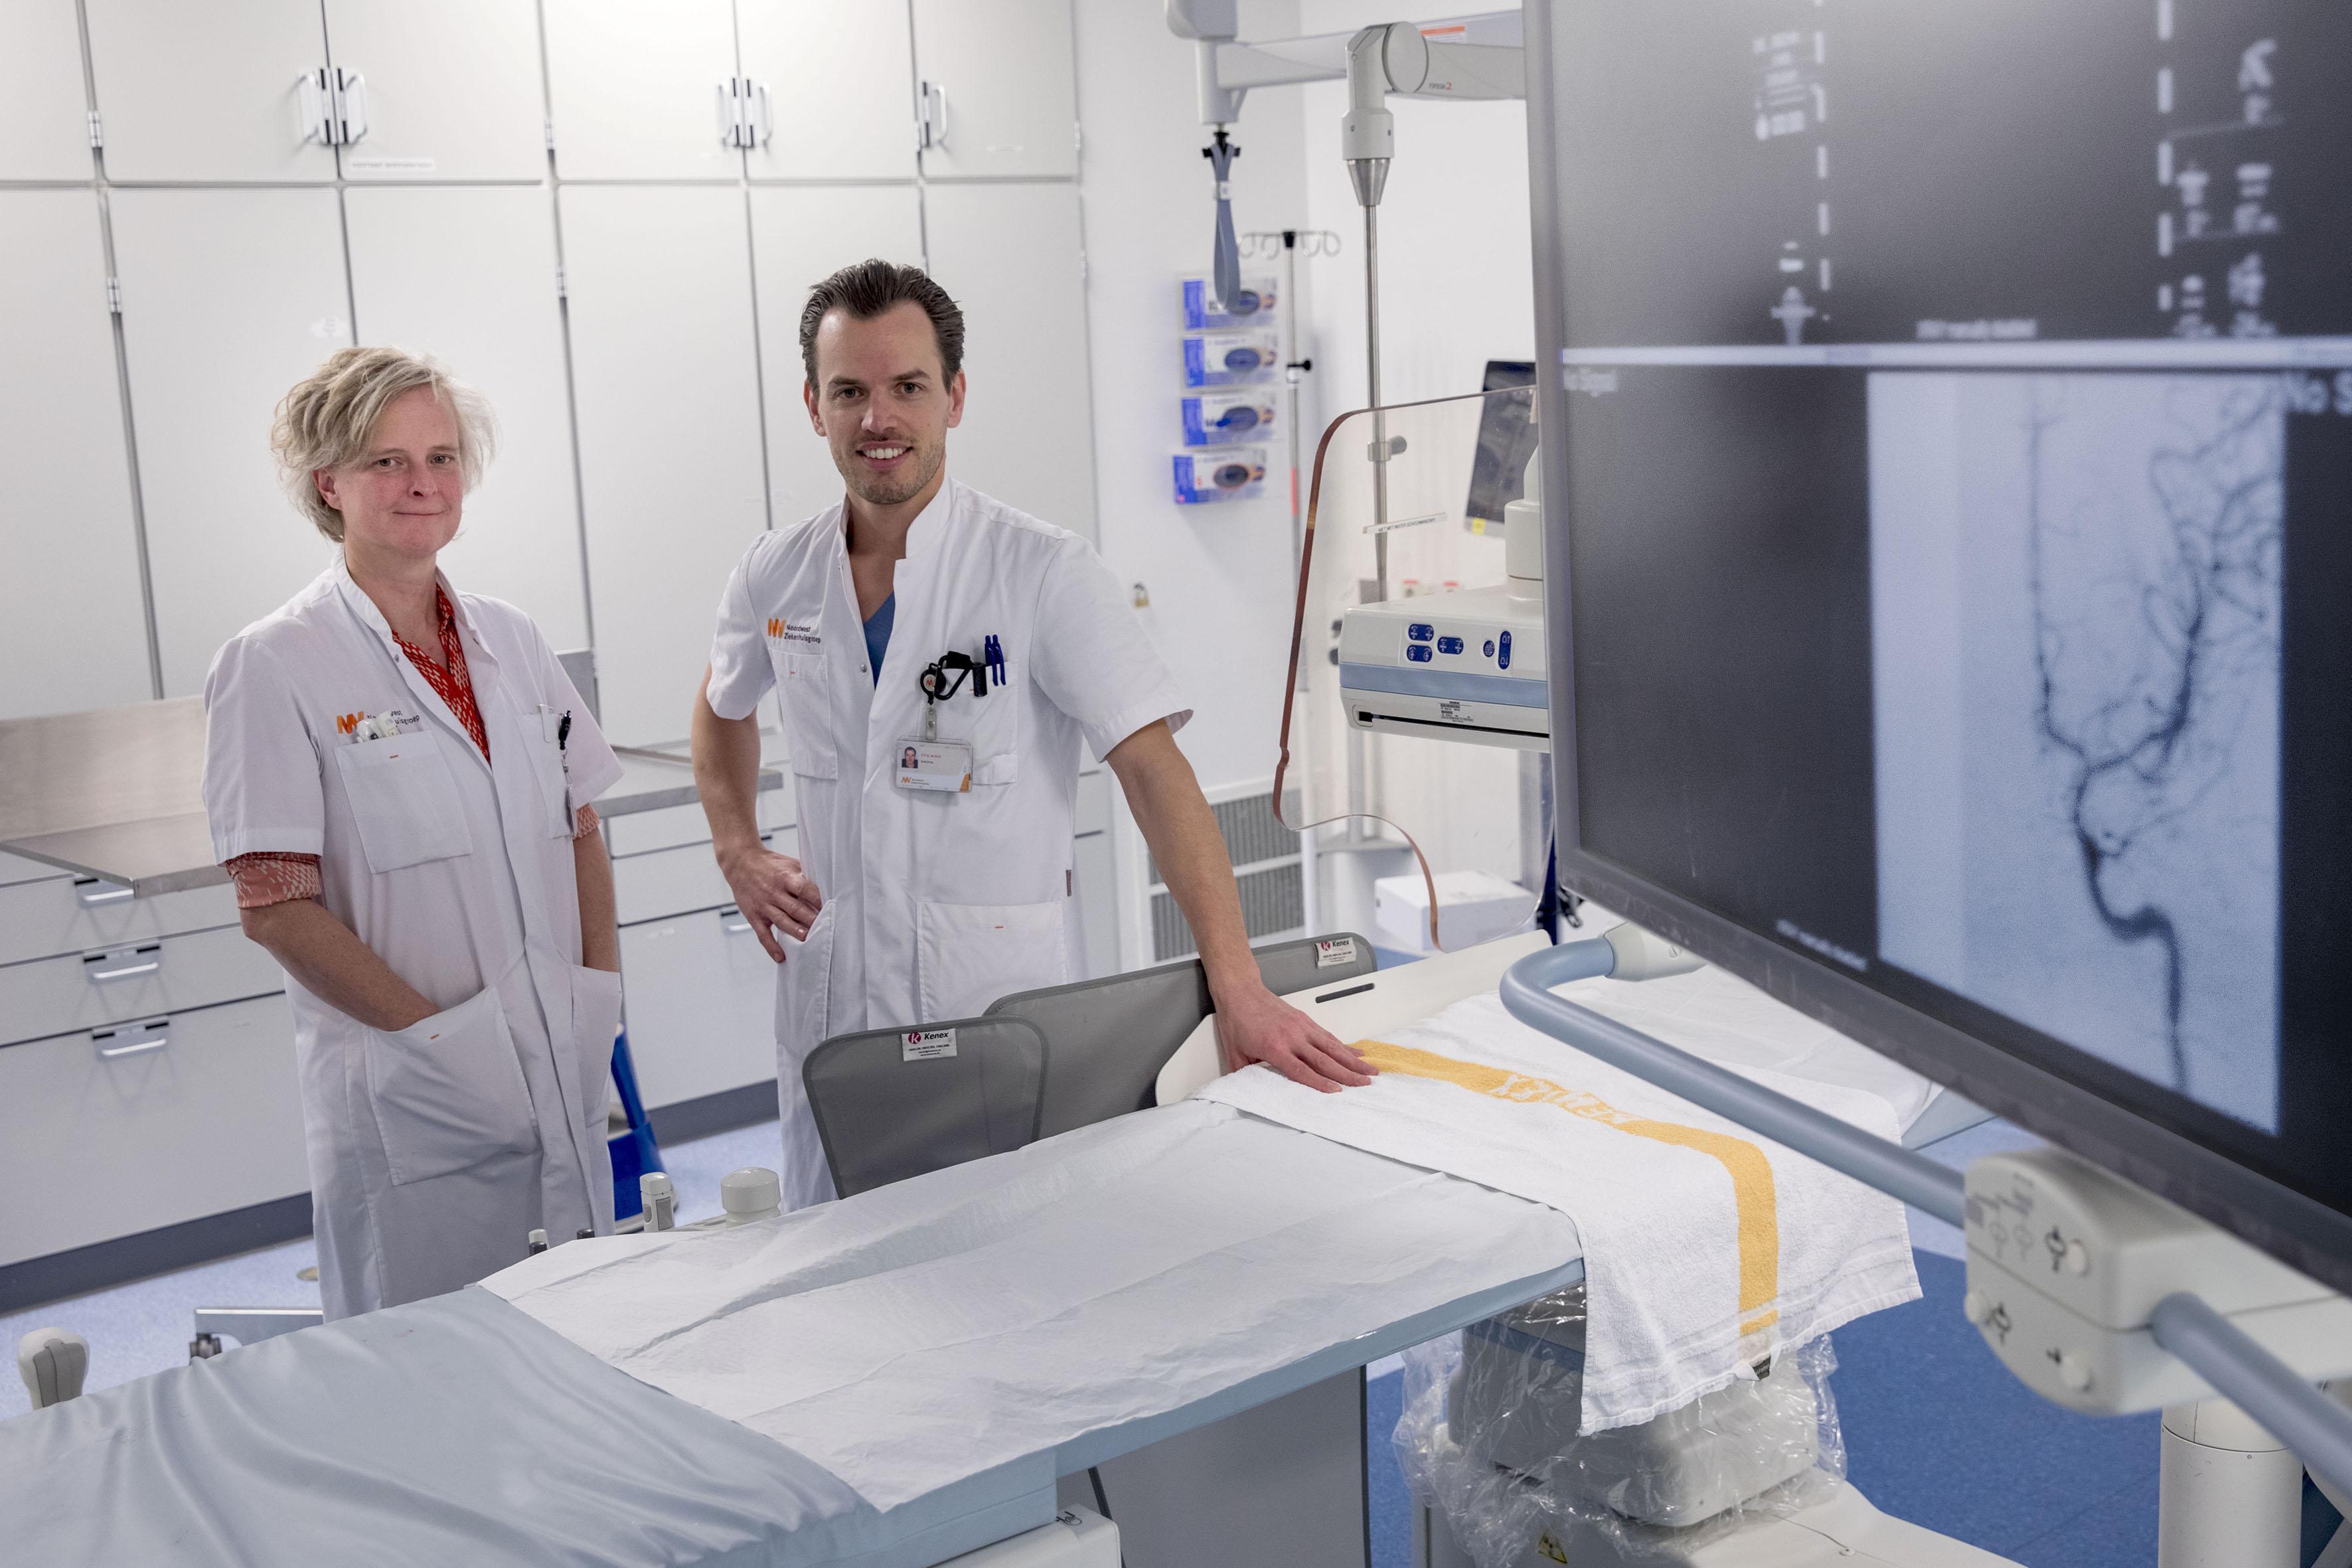 Behandeling patiënten met herseninfarct in NWZ in Alkmaar blijkt goede zet. 'De eerste 24 uur zijn heel belangrijk'